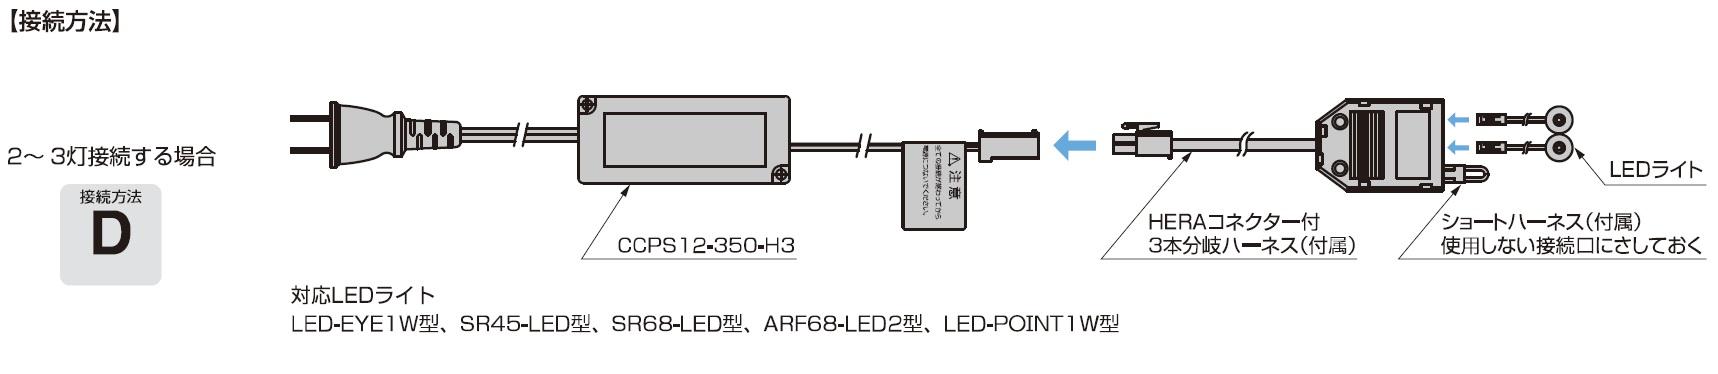 LED用直流電源装置接続方法,2〜 3灯接続する場合